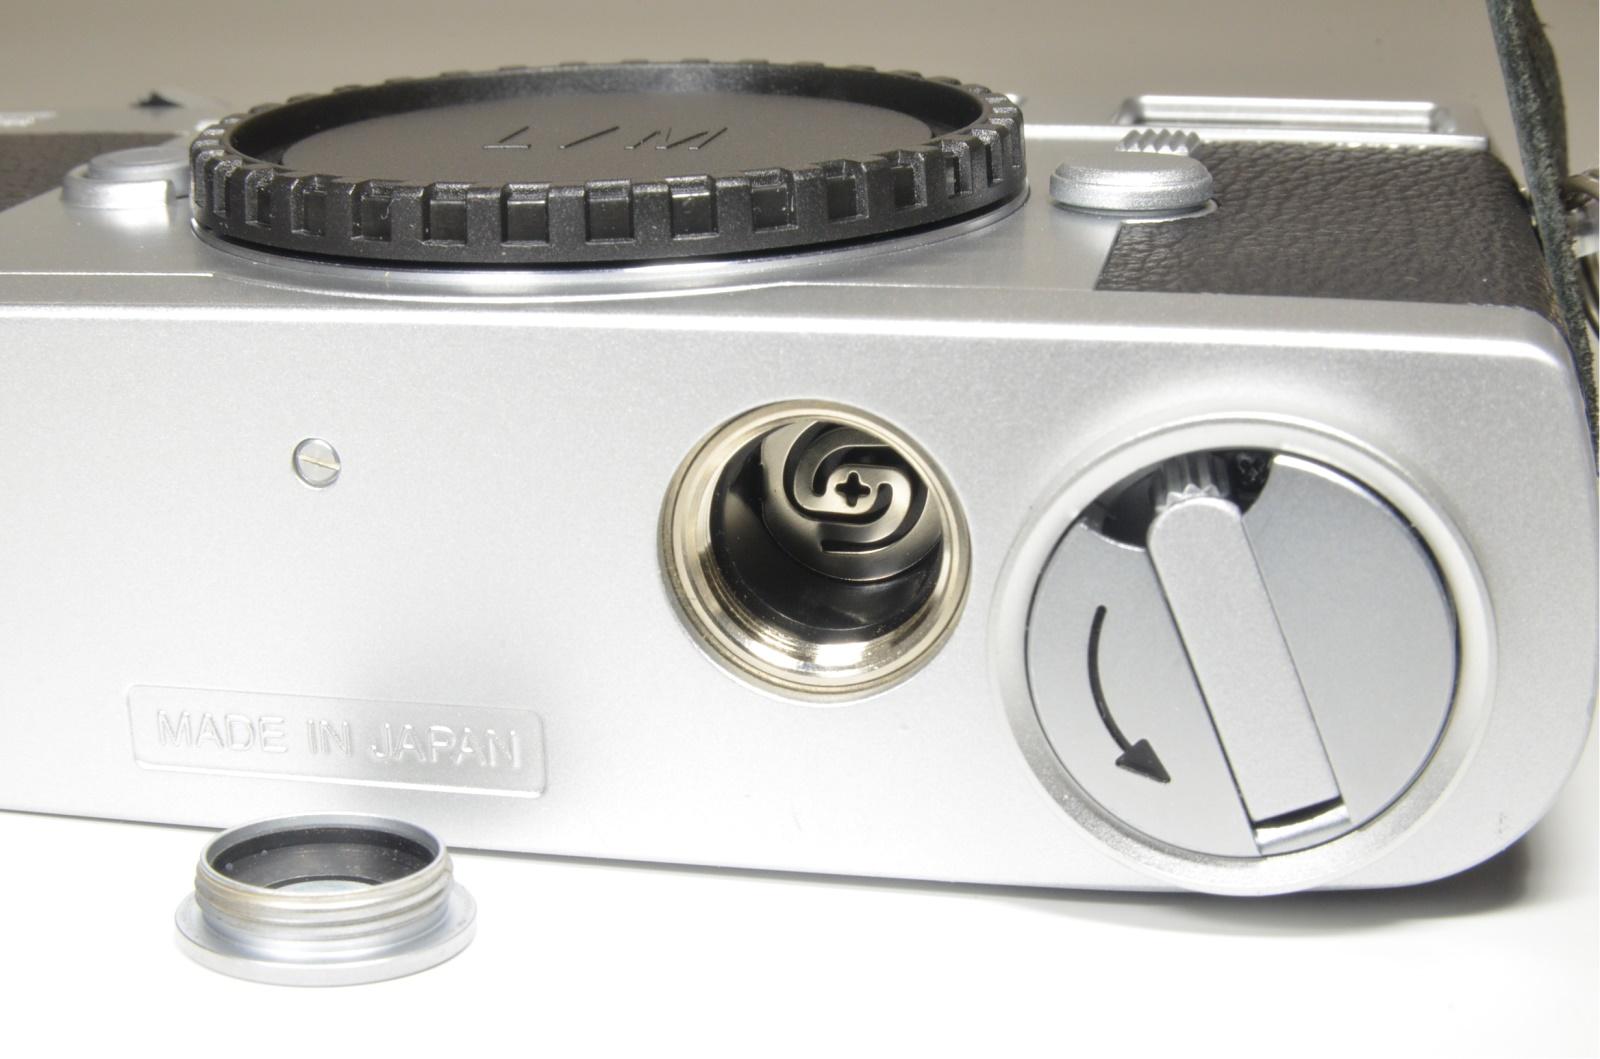 zeiss ikon zm m-mount rangefinder 35mm film camera silver film tested